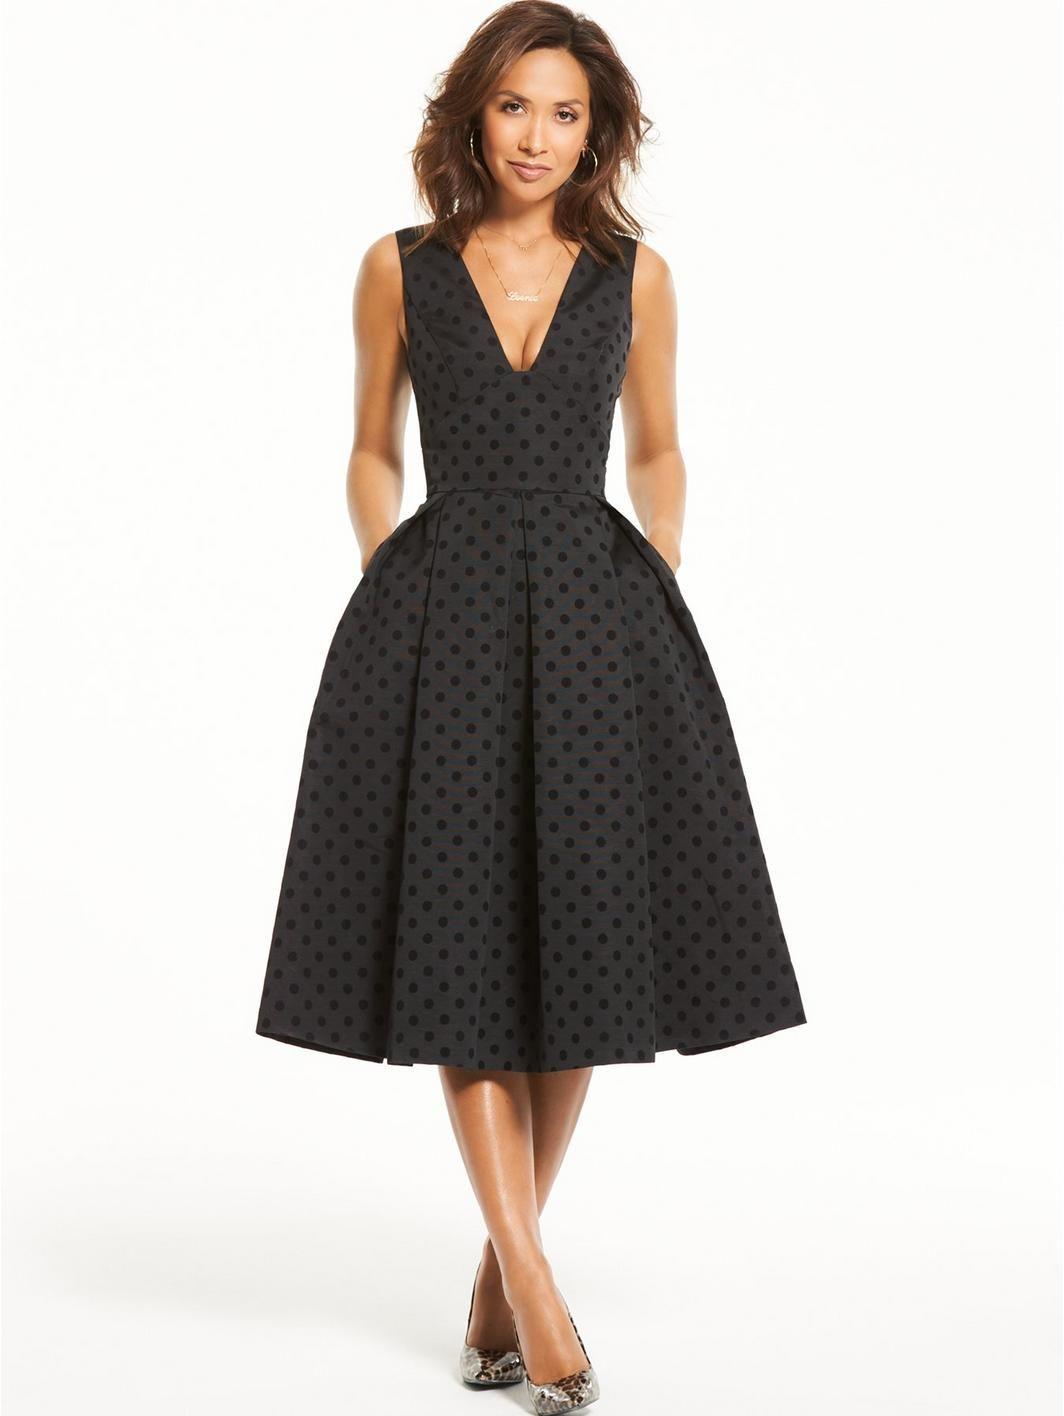 Myleene Klass Spot Prom Dress - Black fc6689b3a